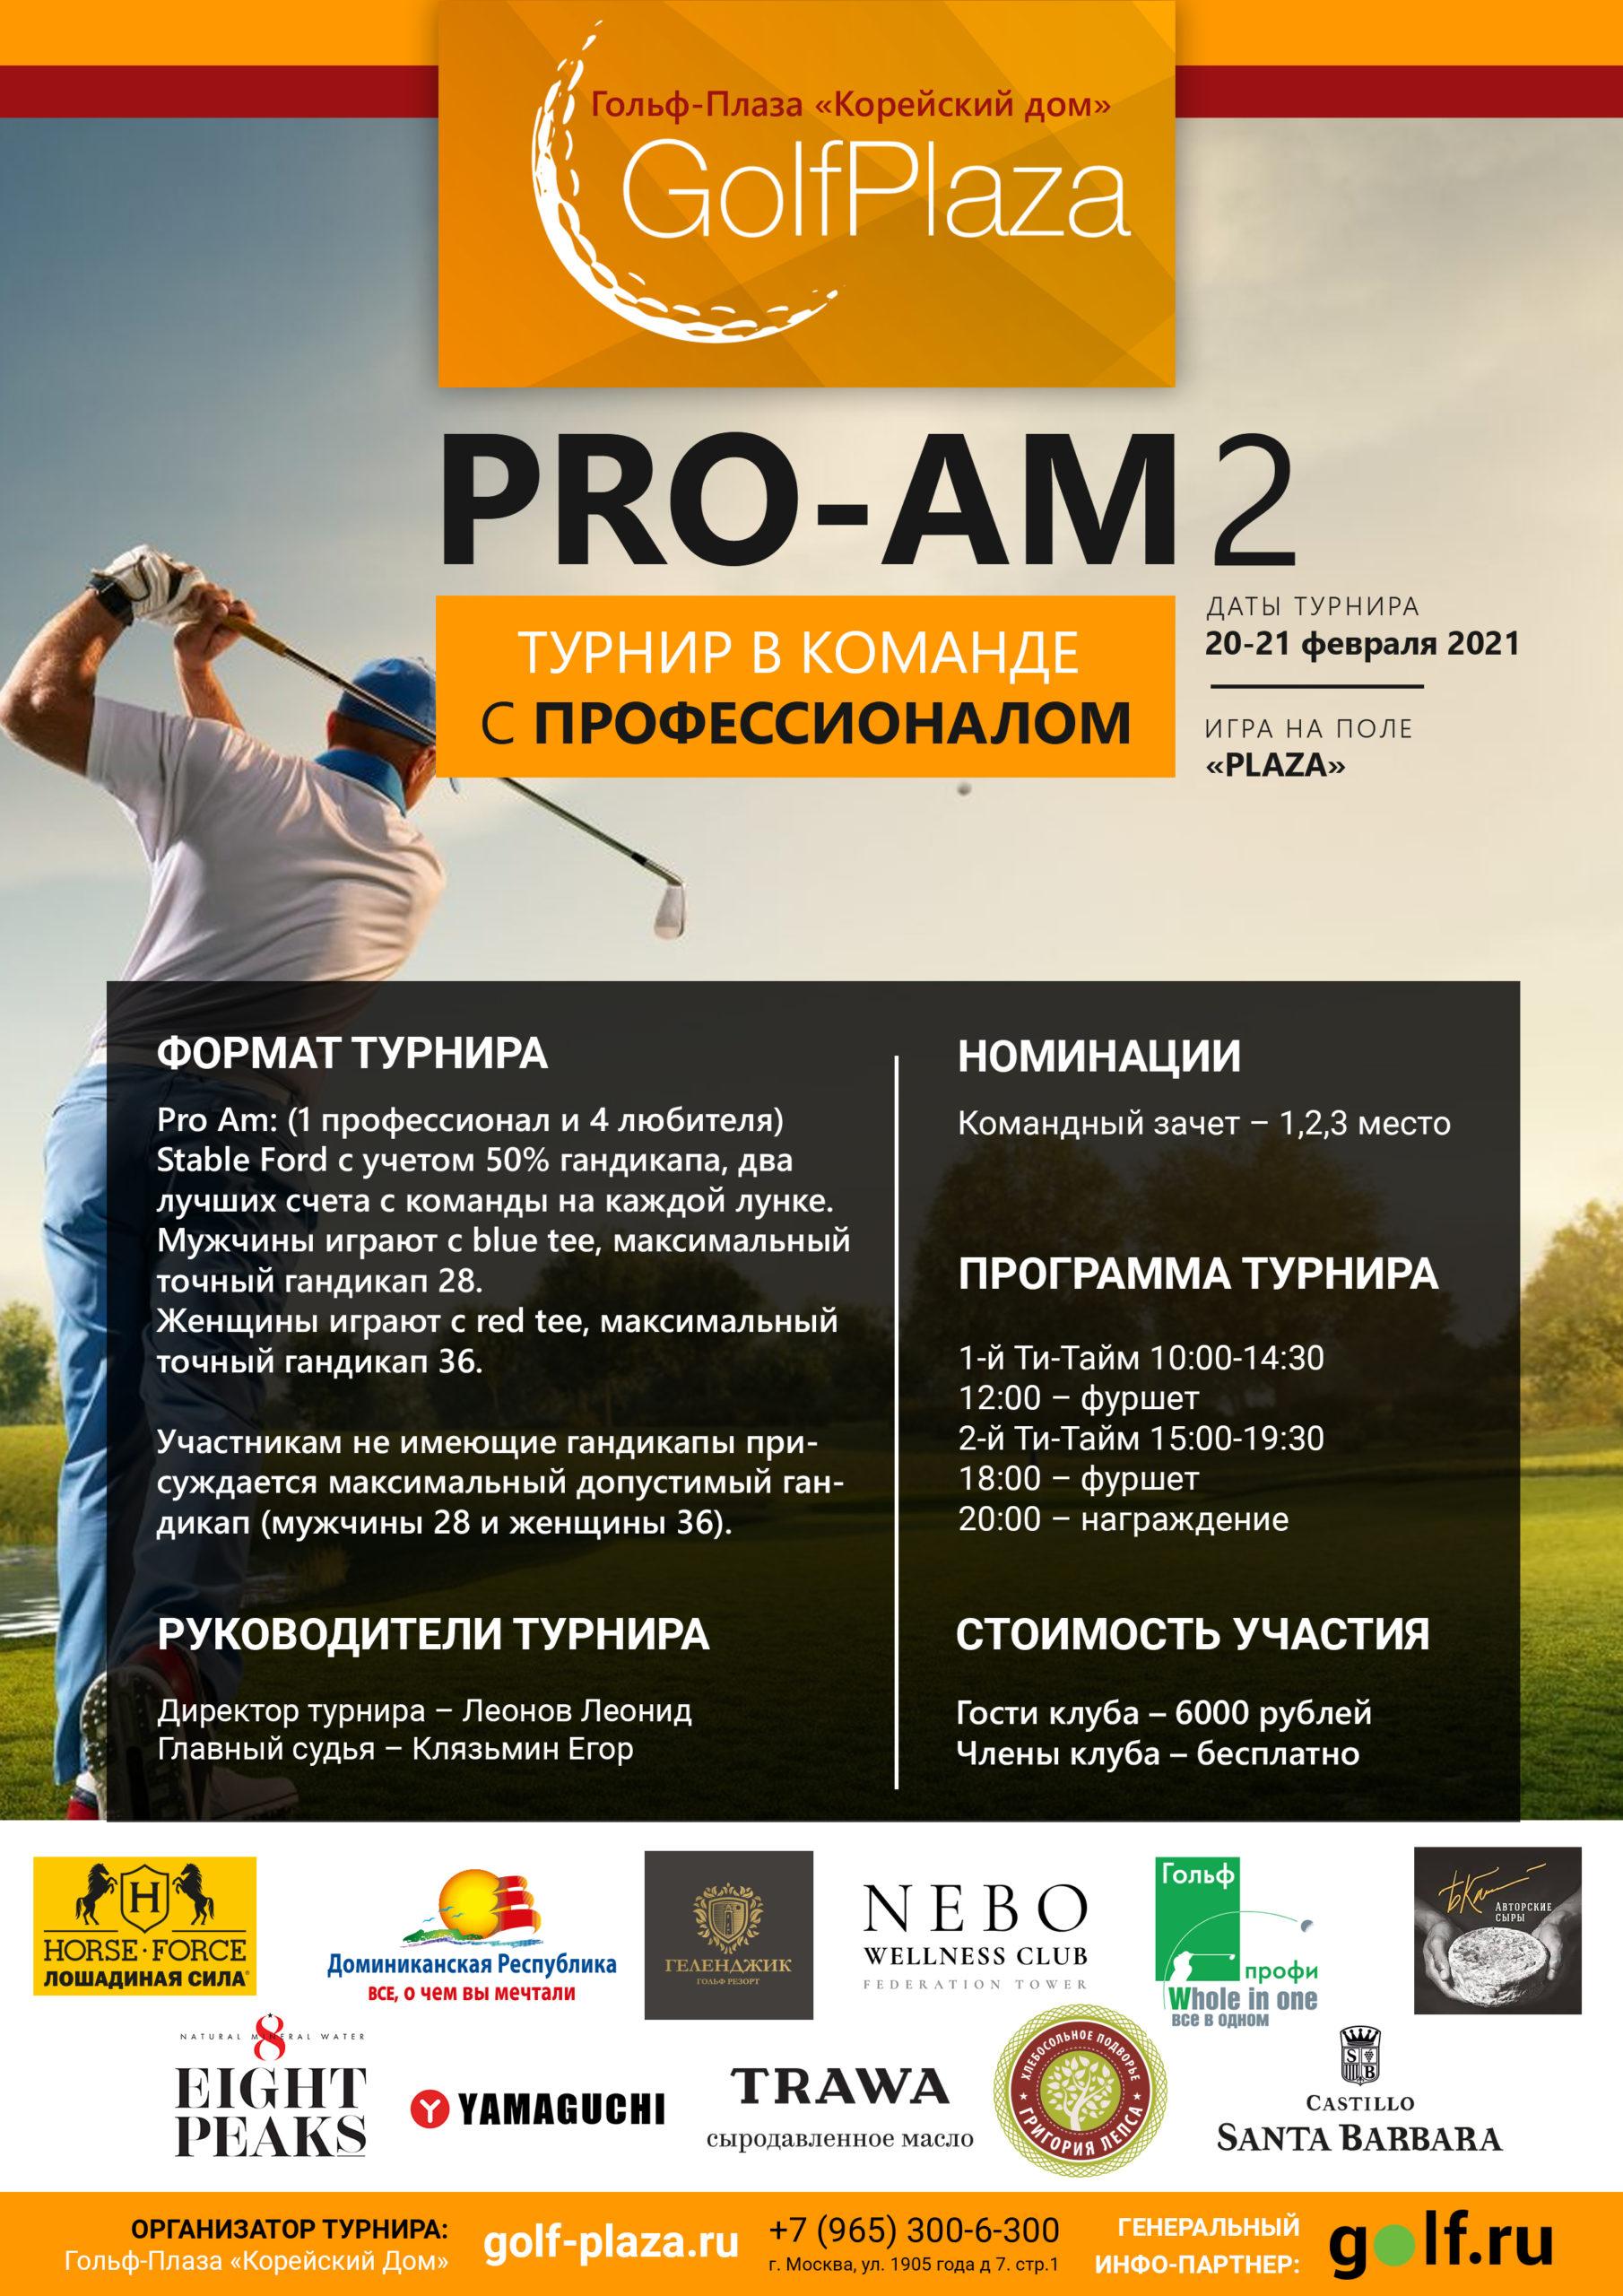 PRO-AM 2 Турнир в команде с профессионалом